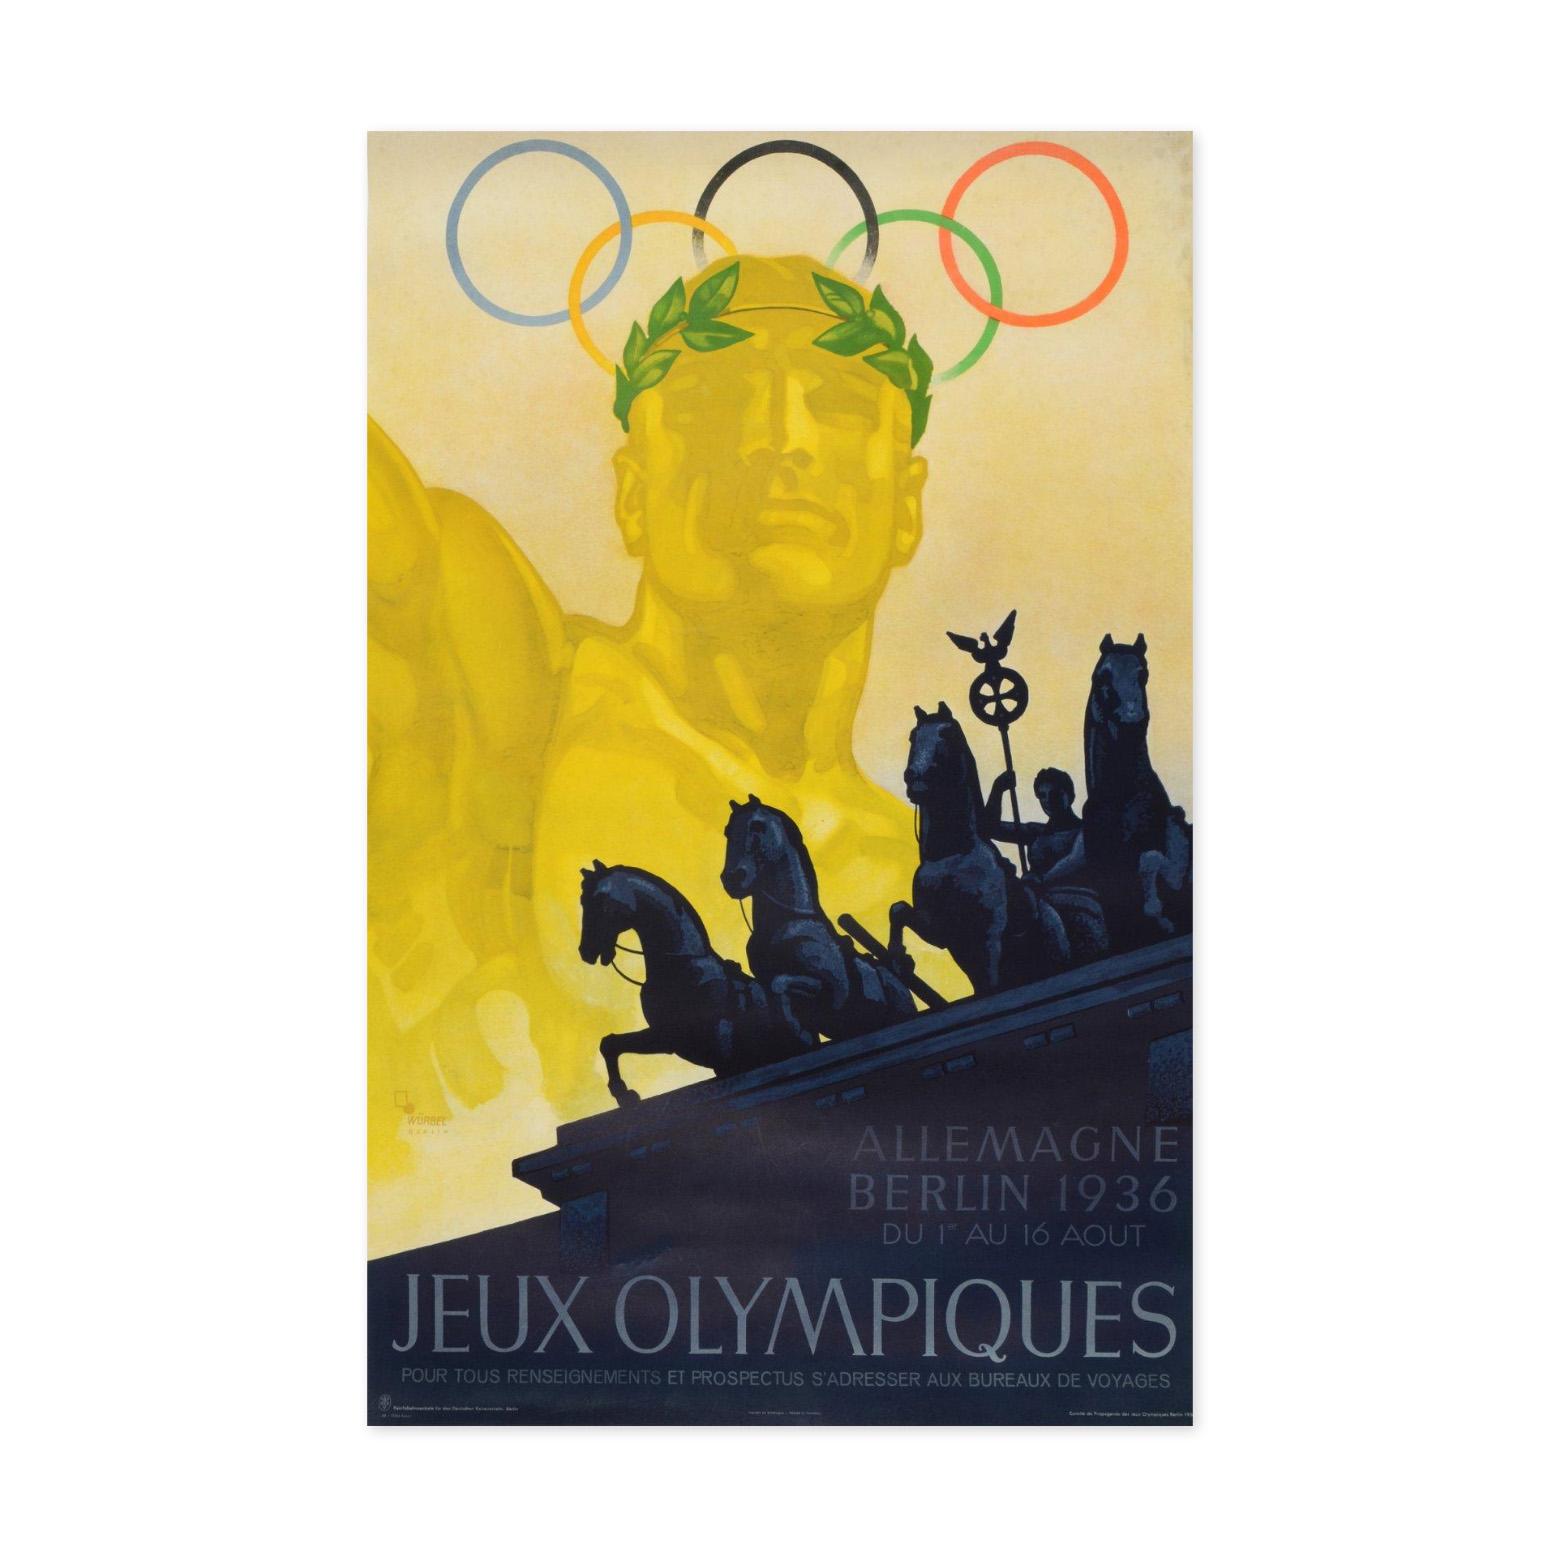 1750€ Franz Theodor Würbel, affiche officielle des jeux Olympiques d'été de Berlin en 1936, signée, version française, entoilée, 63x10